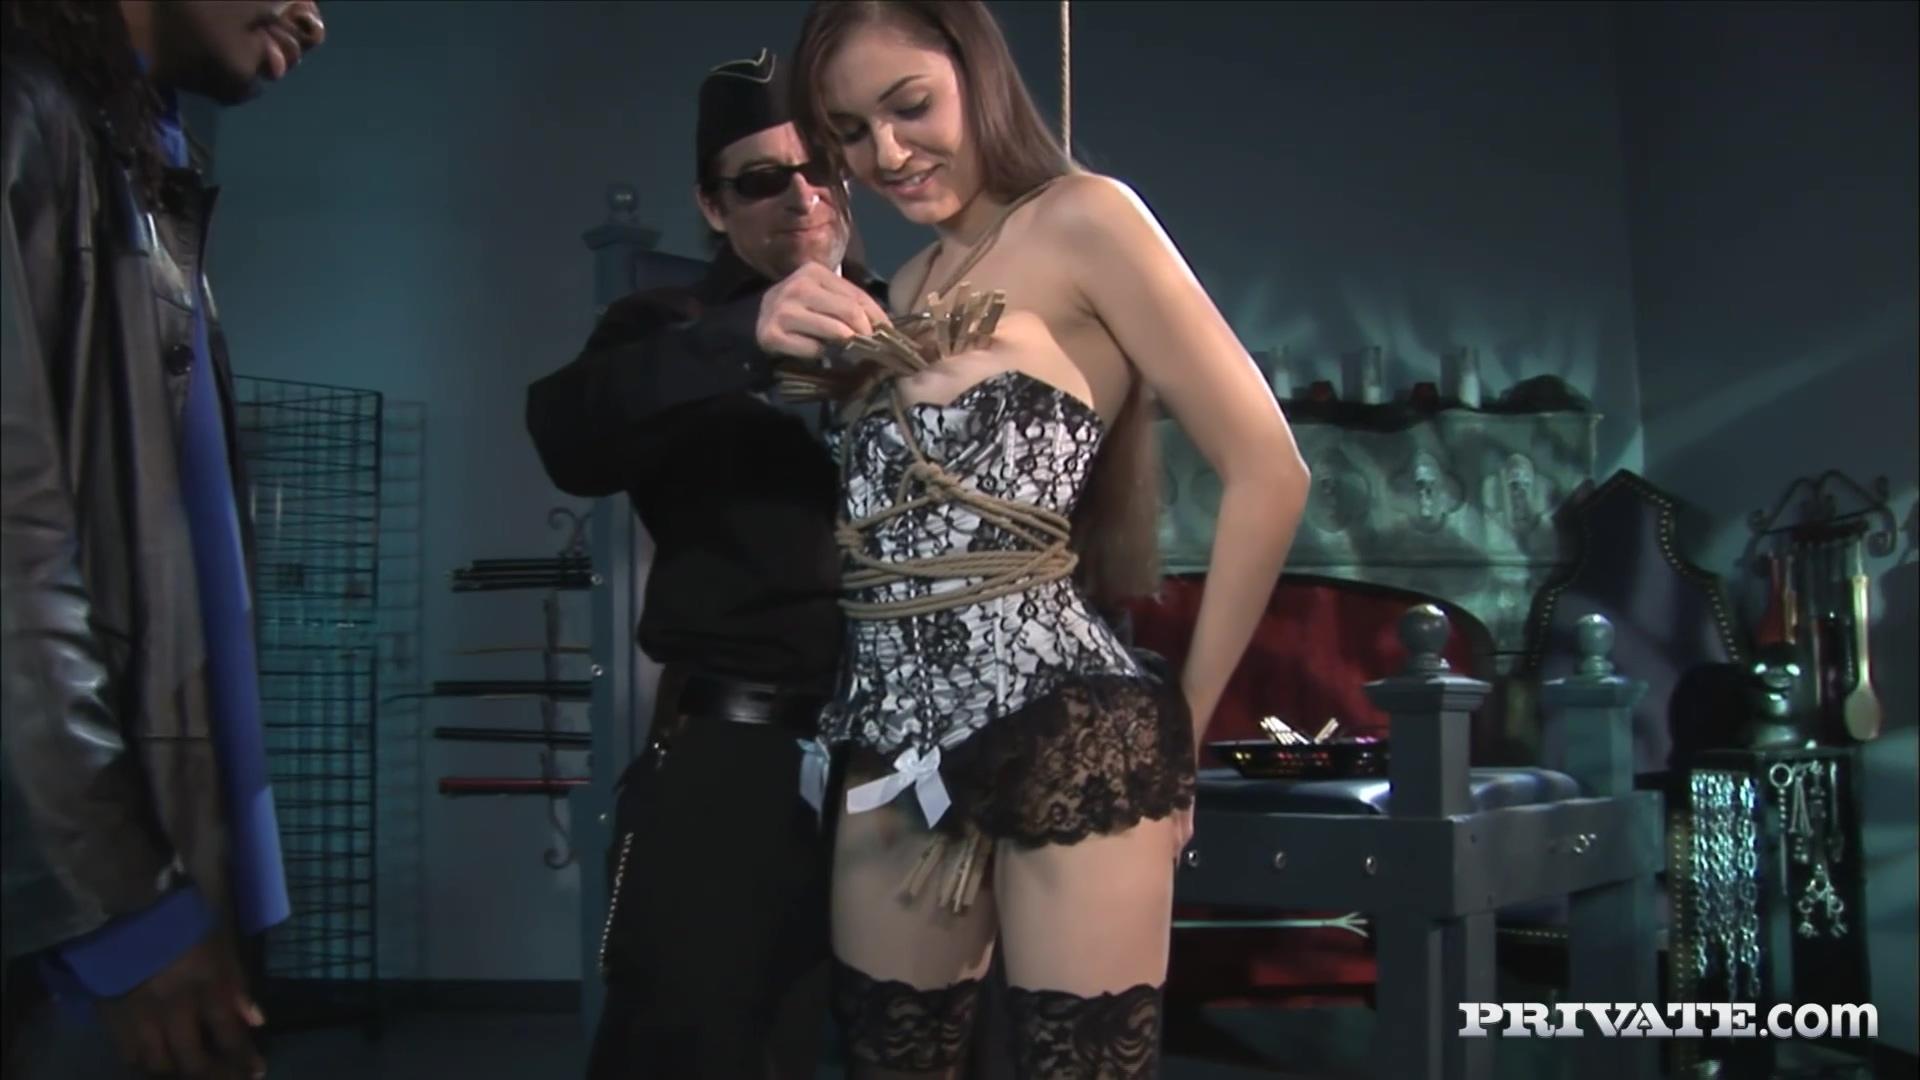 Sasha Grey Gets Who Big Dicks For Herself